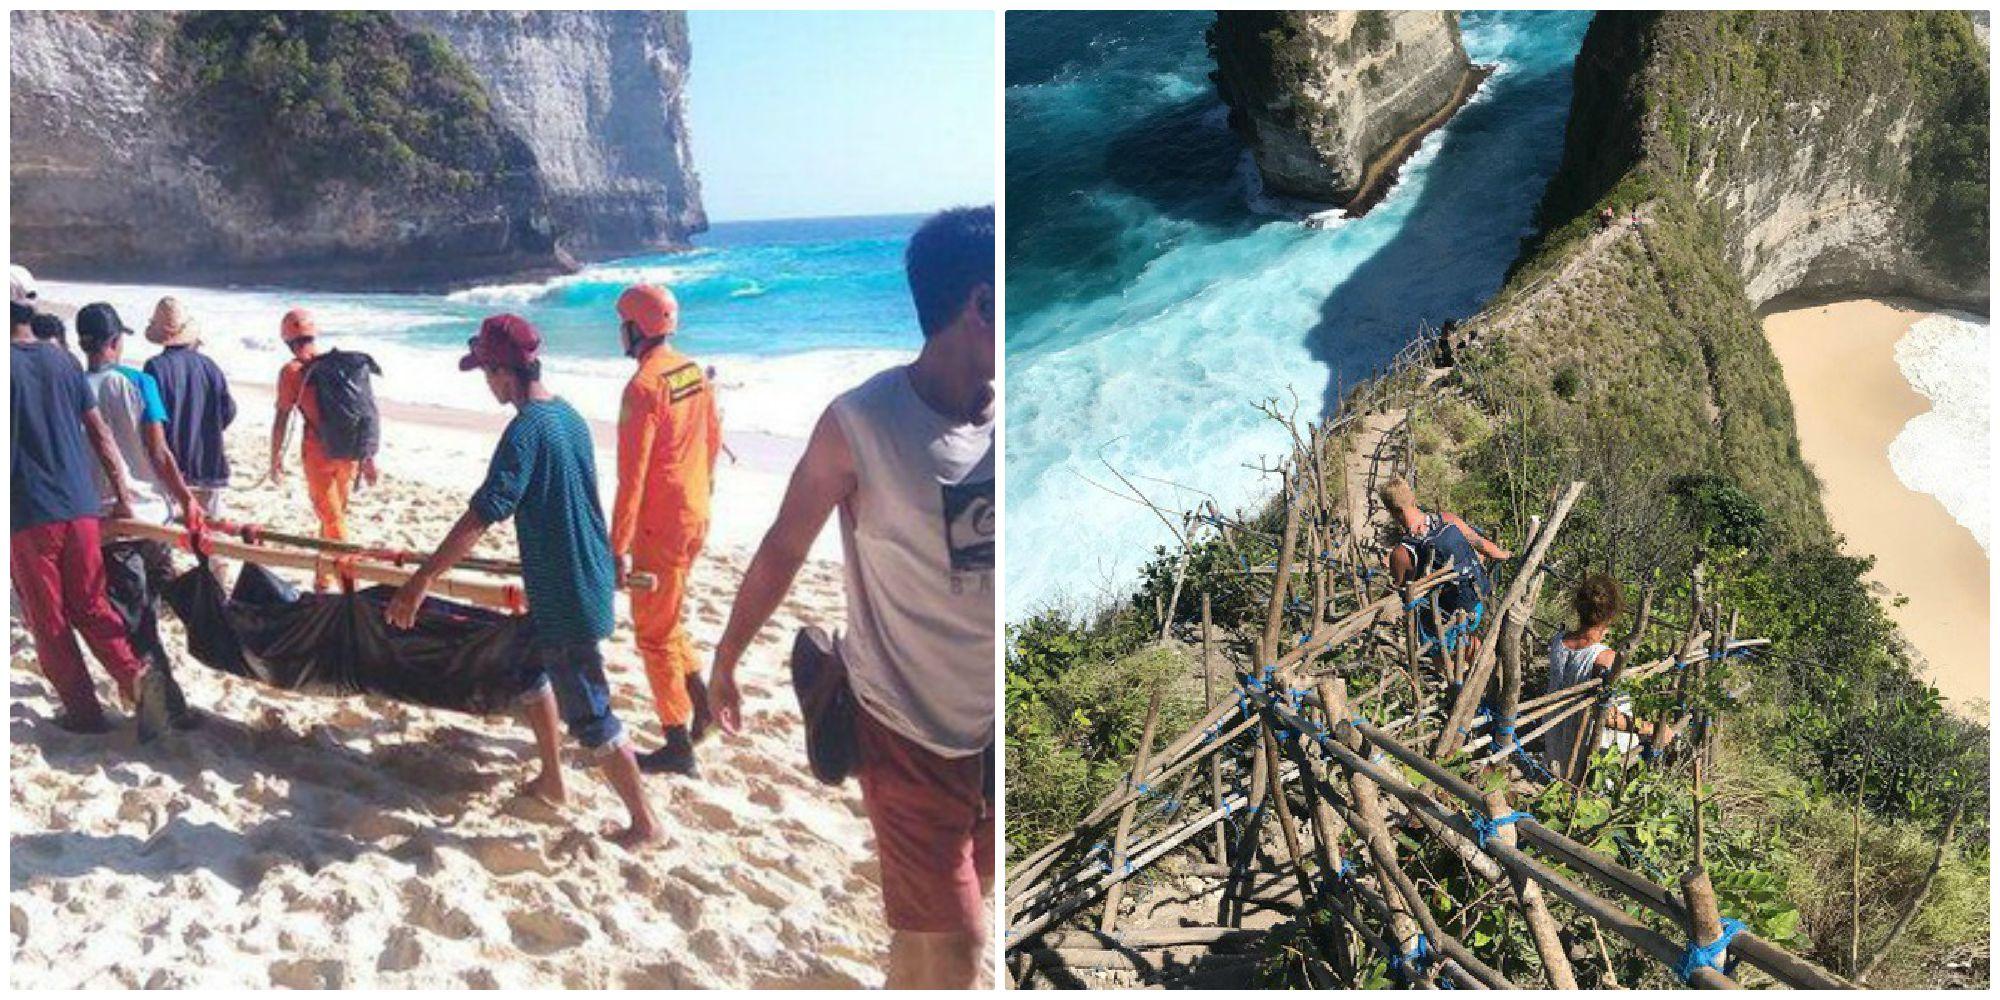 """Đời không như mơ: Hàng loạt nguy hiểm rình rập du khách bị phanh phui tại """"đảo ngọc"""" Bali"""